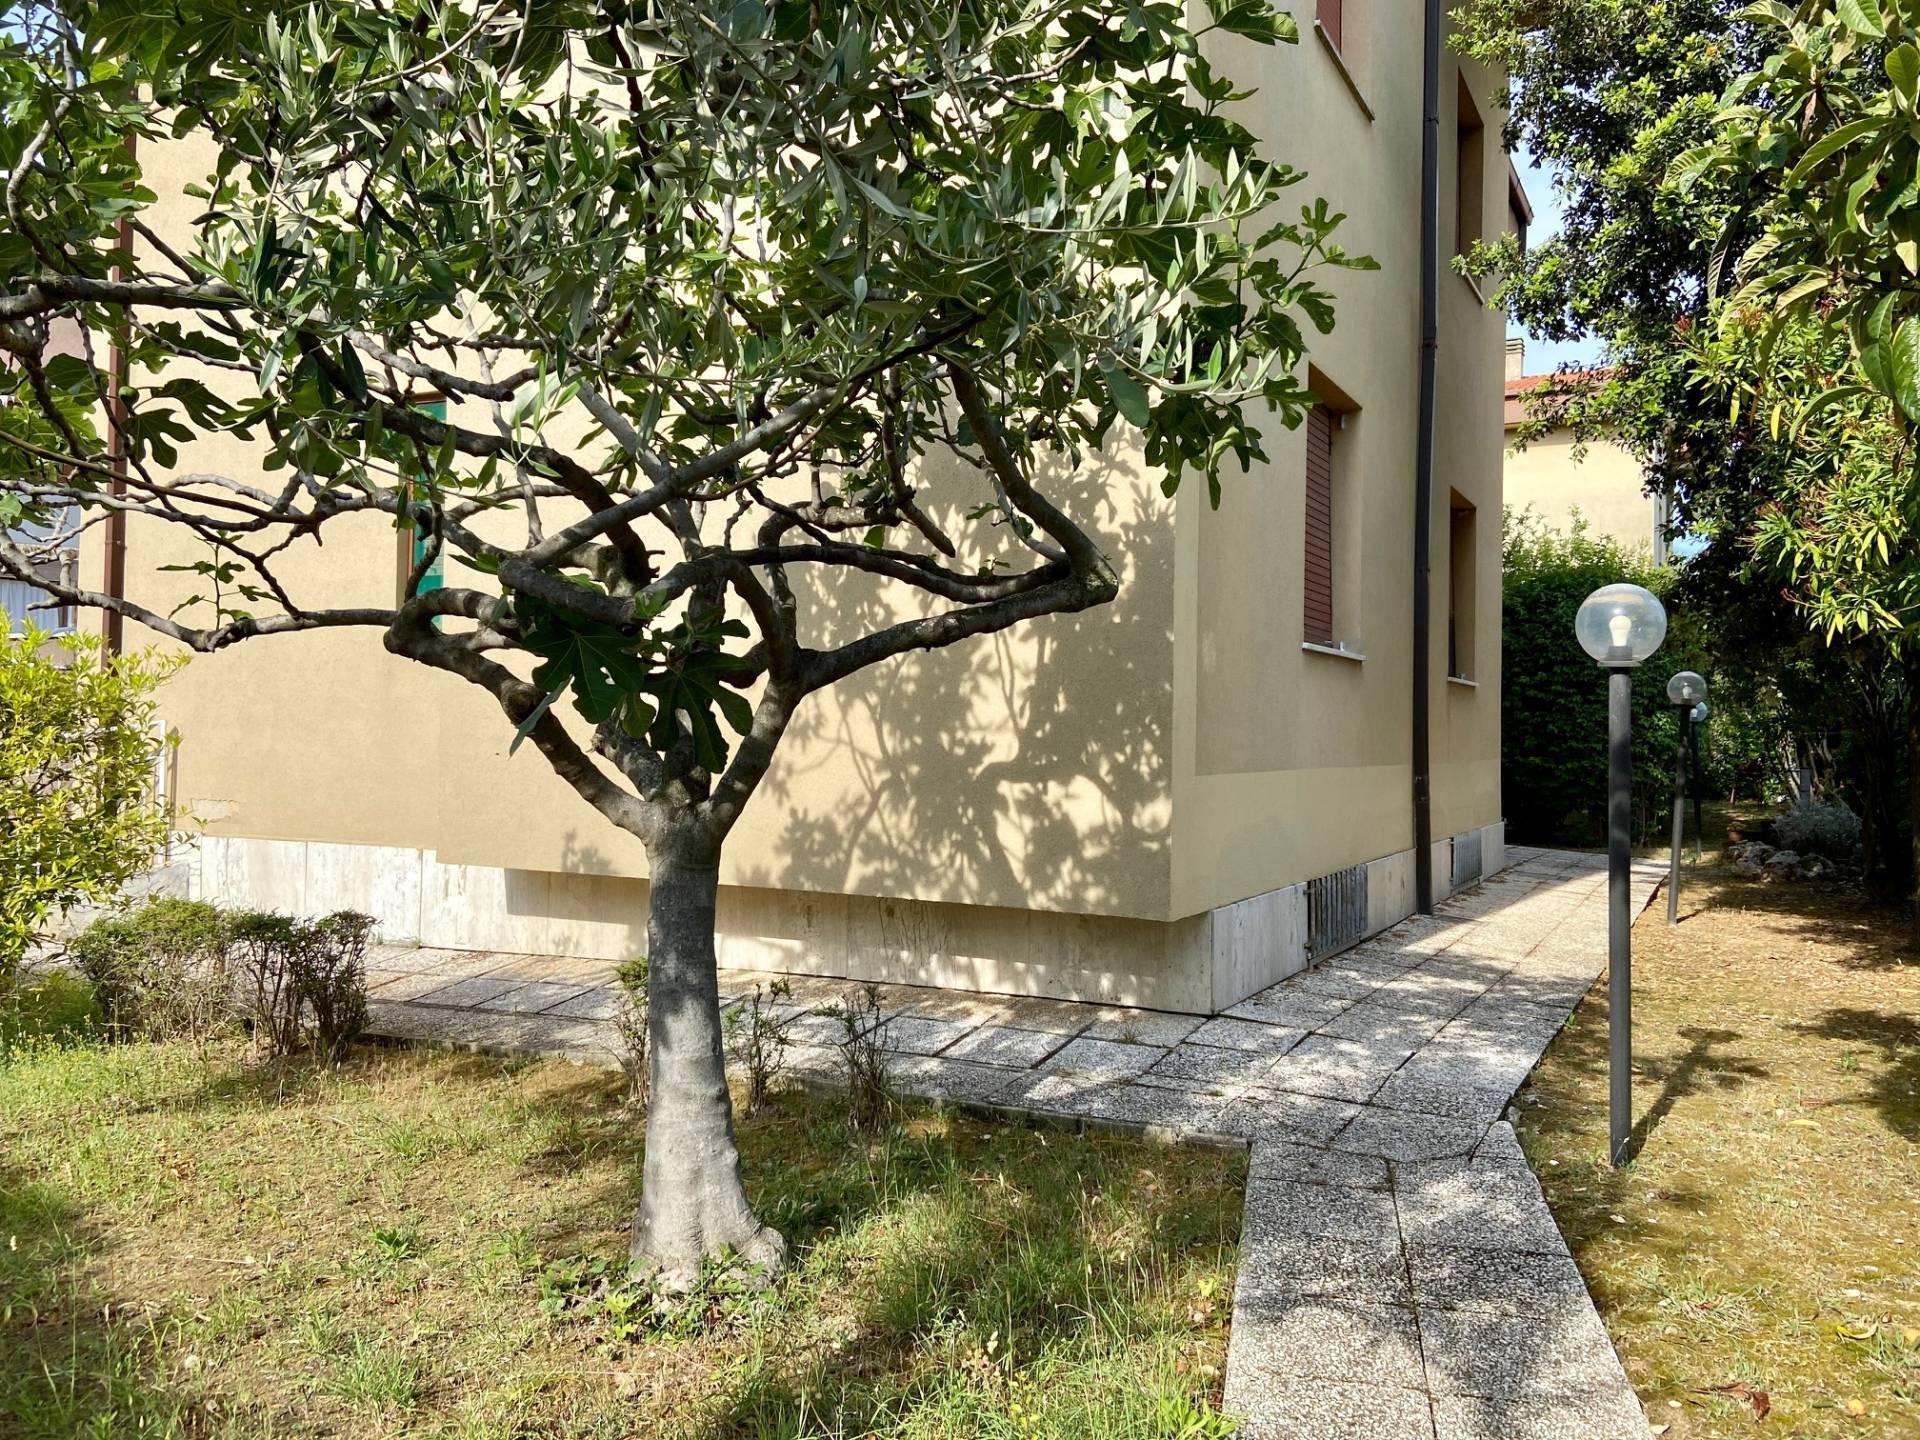 Attico / Mansarda in vendita a Montemarciano, 5 locali, prezzo € 130.000 | PortaleAgenzieImmobiliari.it